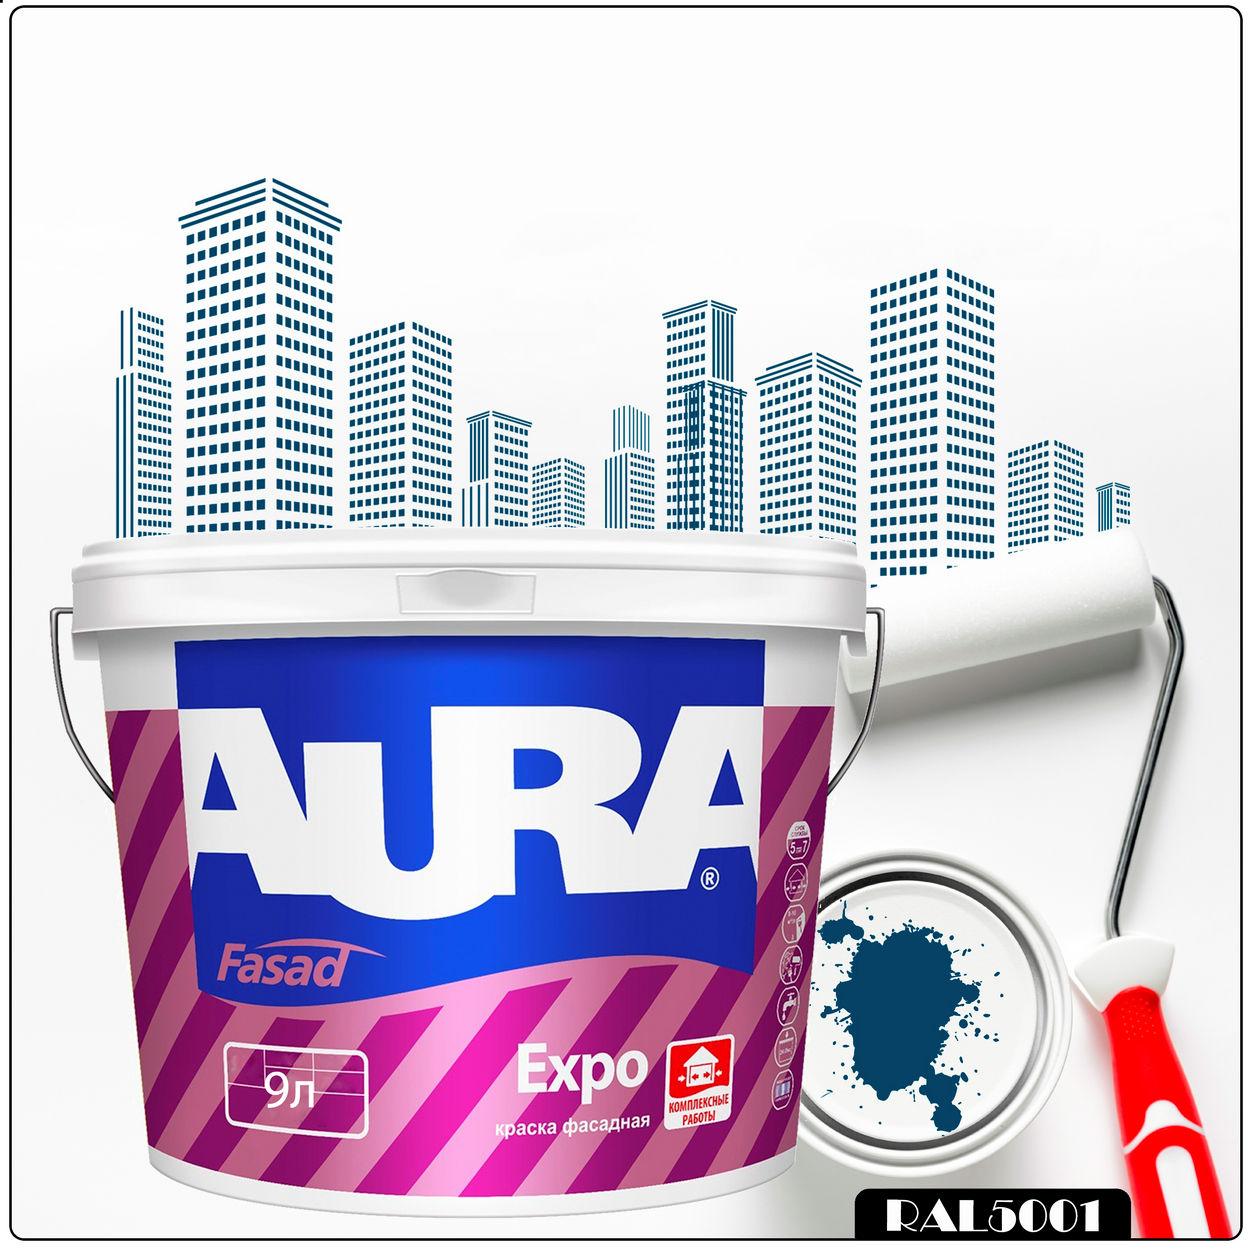 Фото 2 - Краска Aura Fasad Expo, RAL 5001 Зелёно-синий, матовая, для фасадов и помещений с повышенной влажностью, 9л.